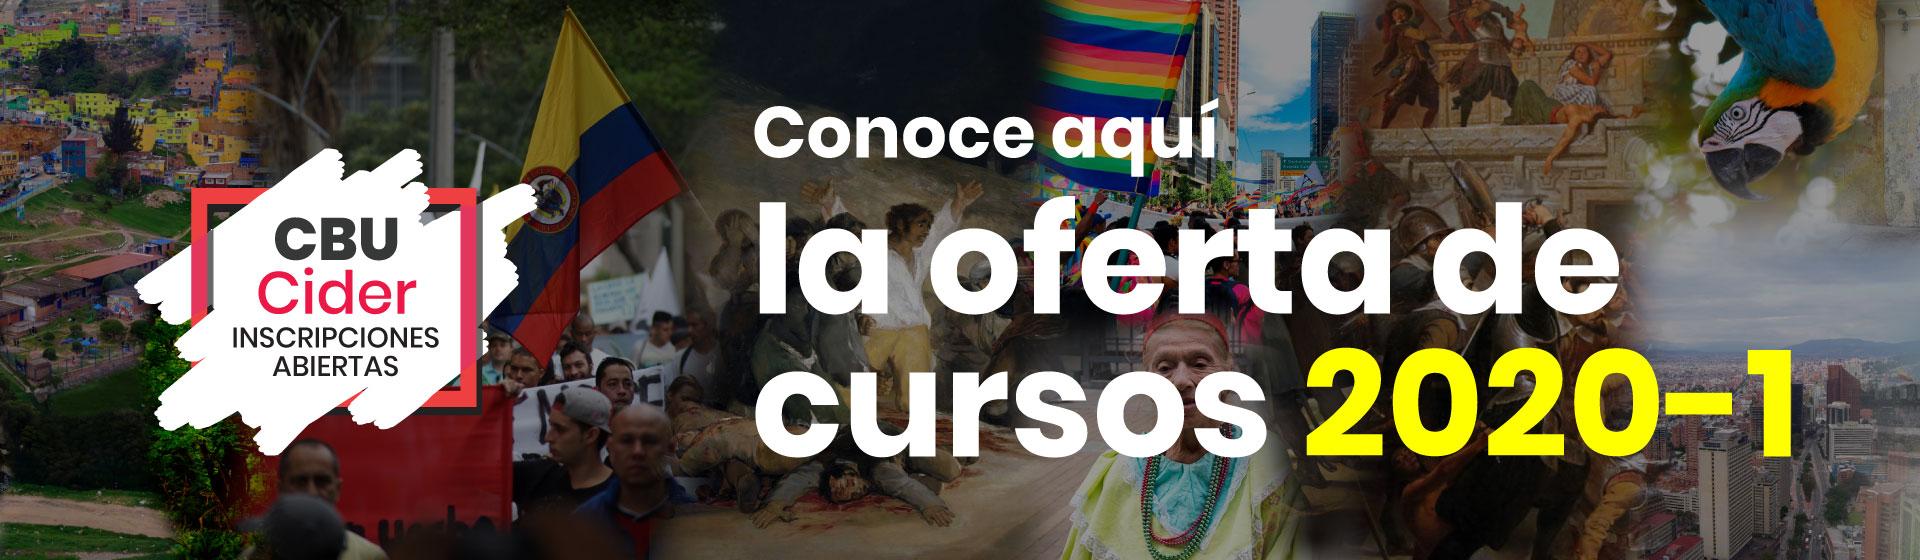 Cursos CBU 2020-1 de pregrado Cider | Uniandes